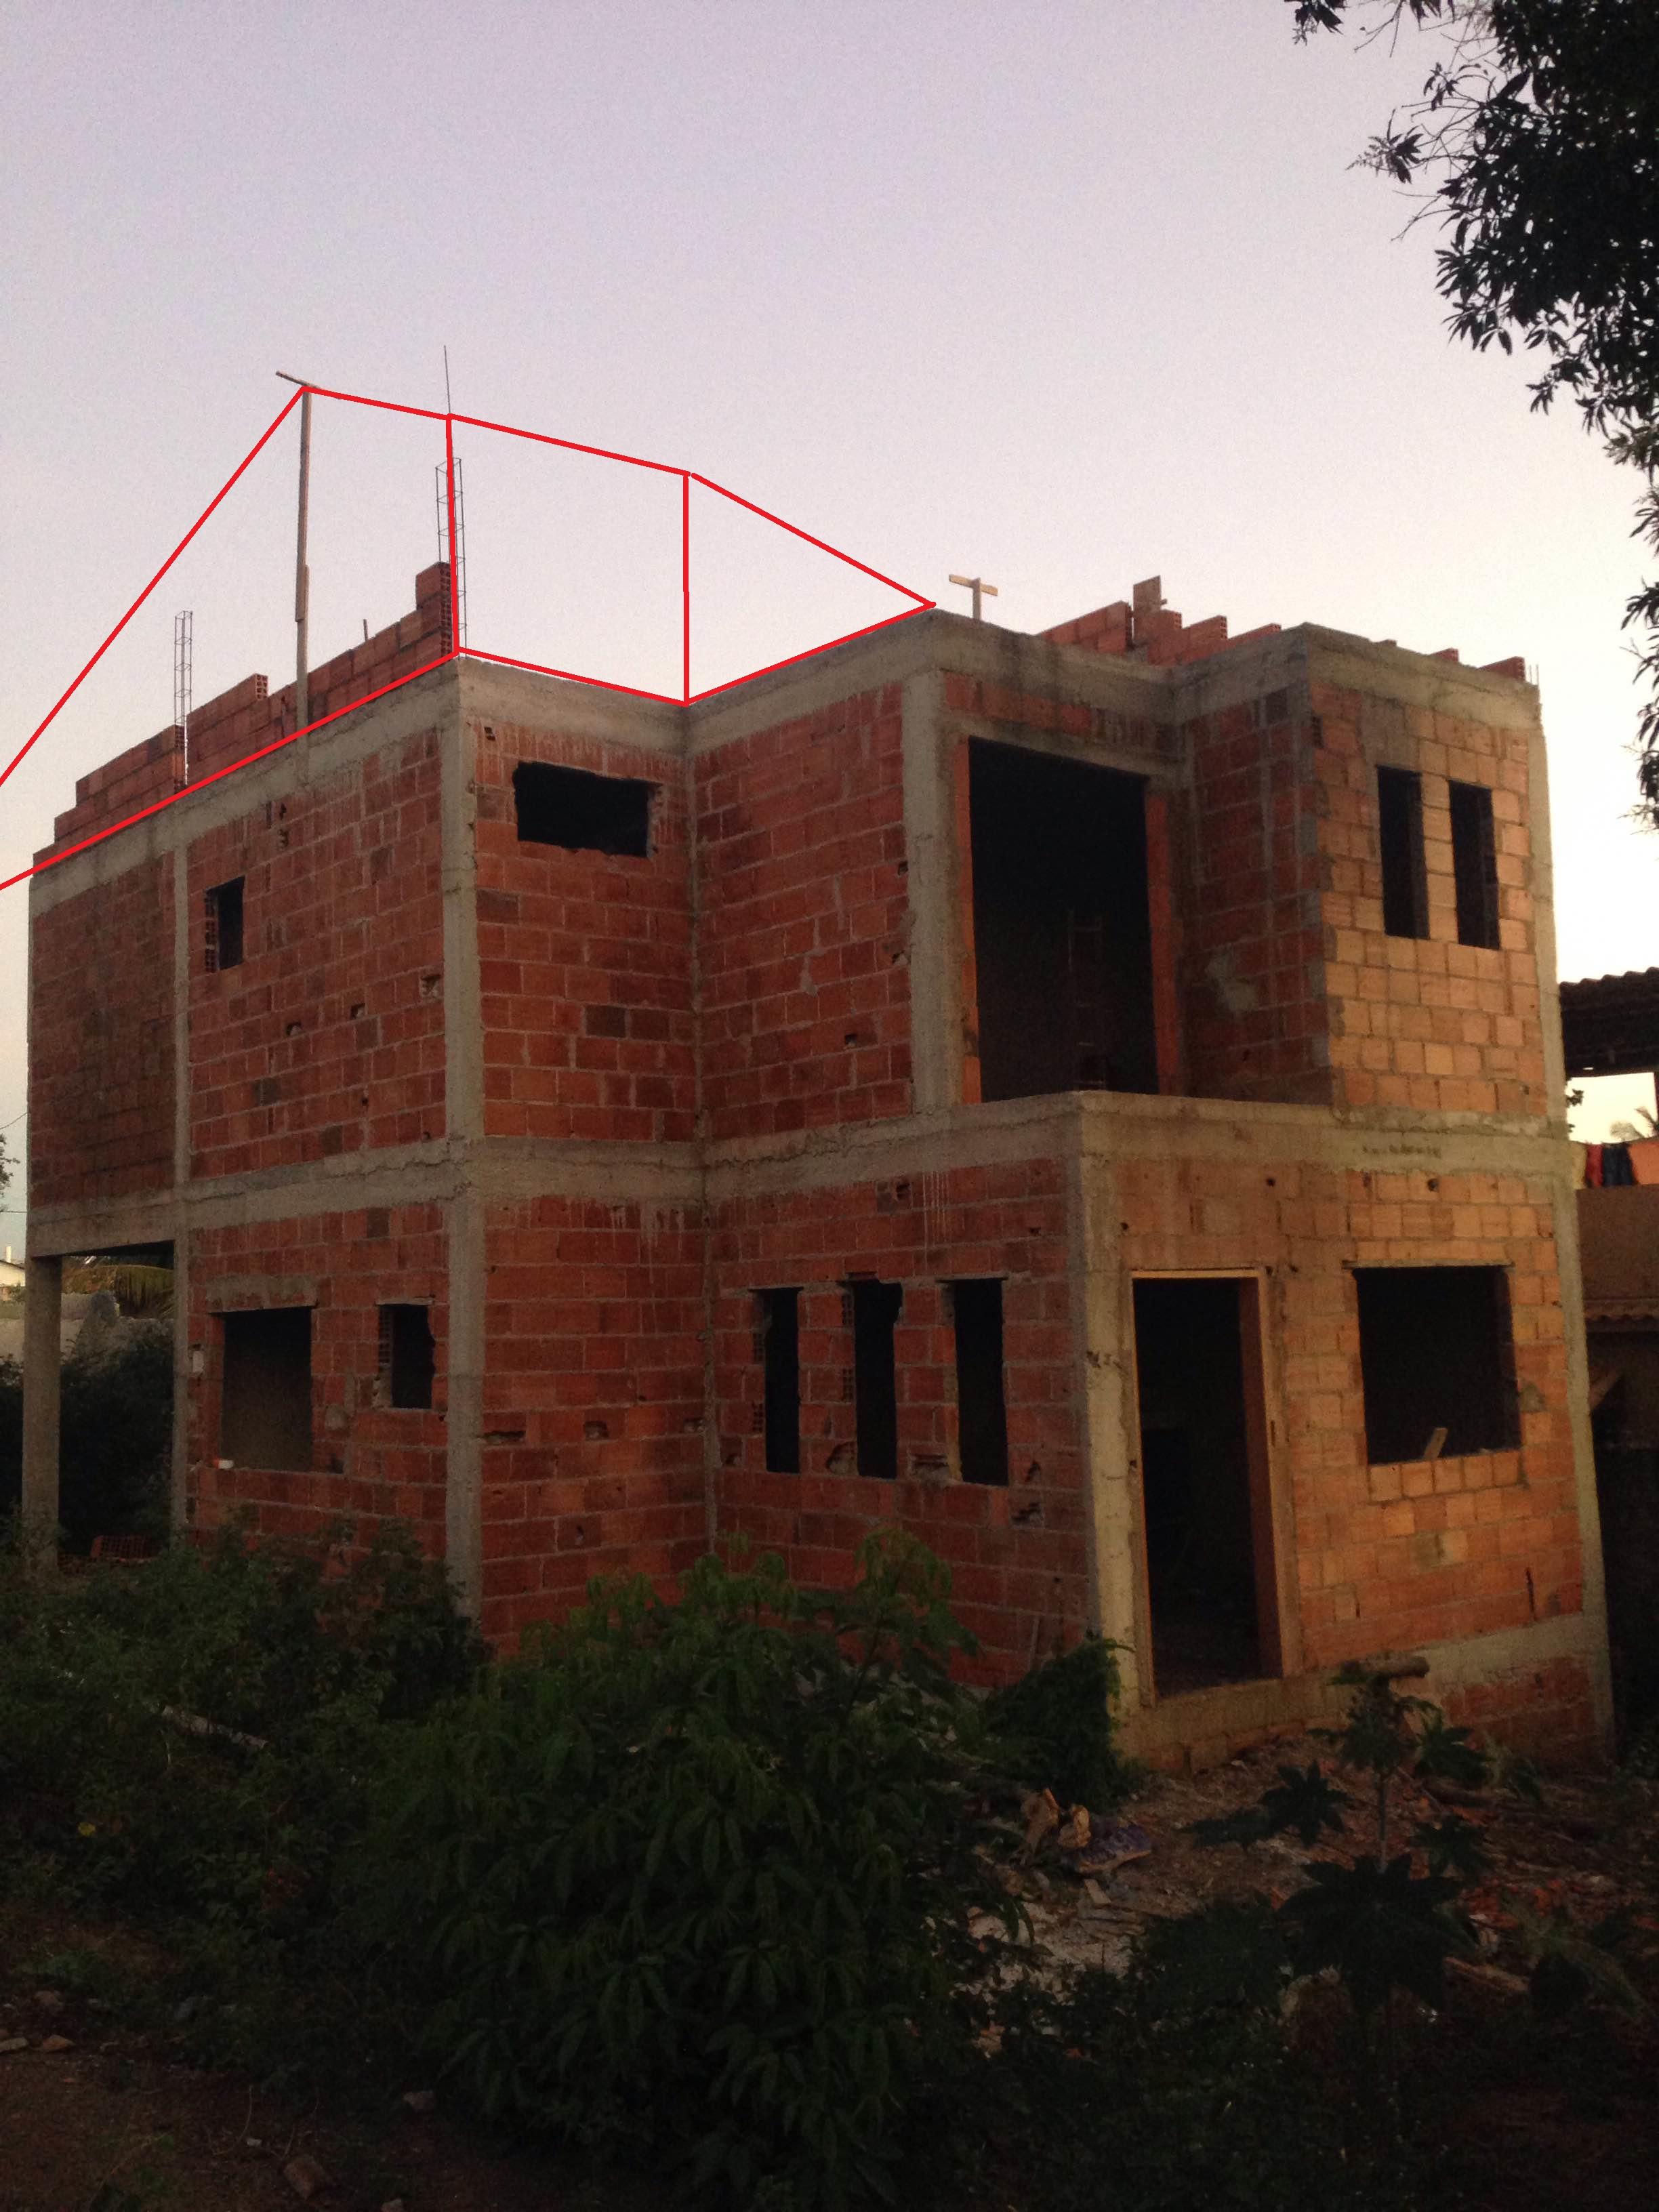 proj telhado 2